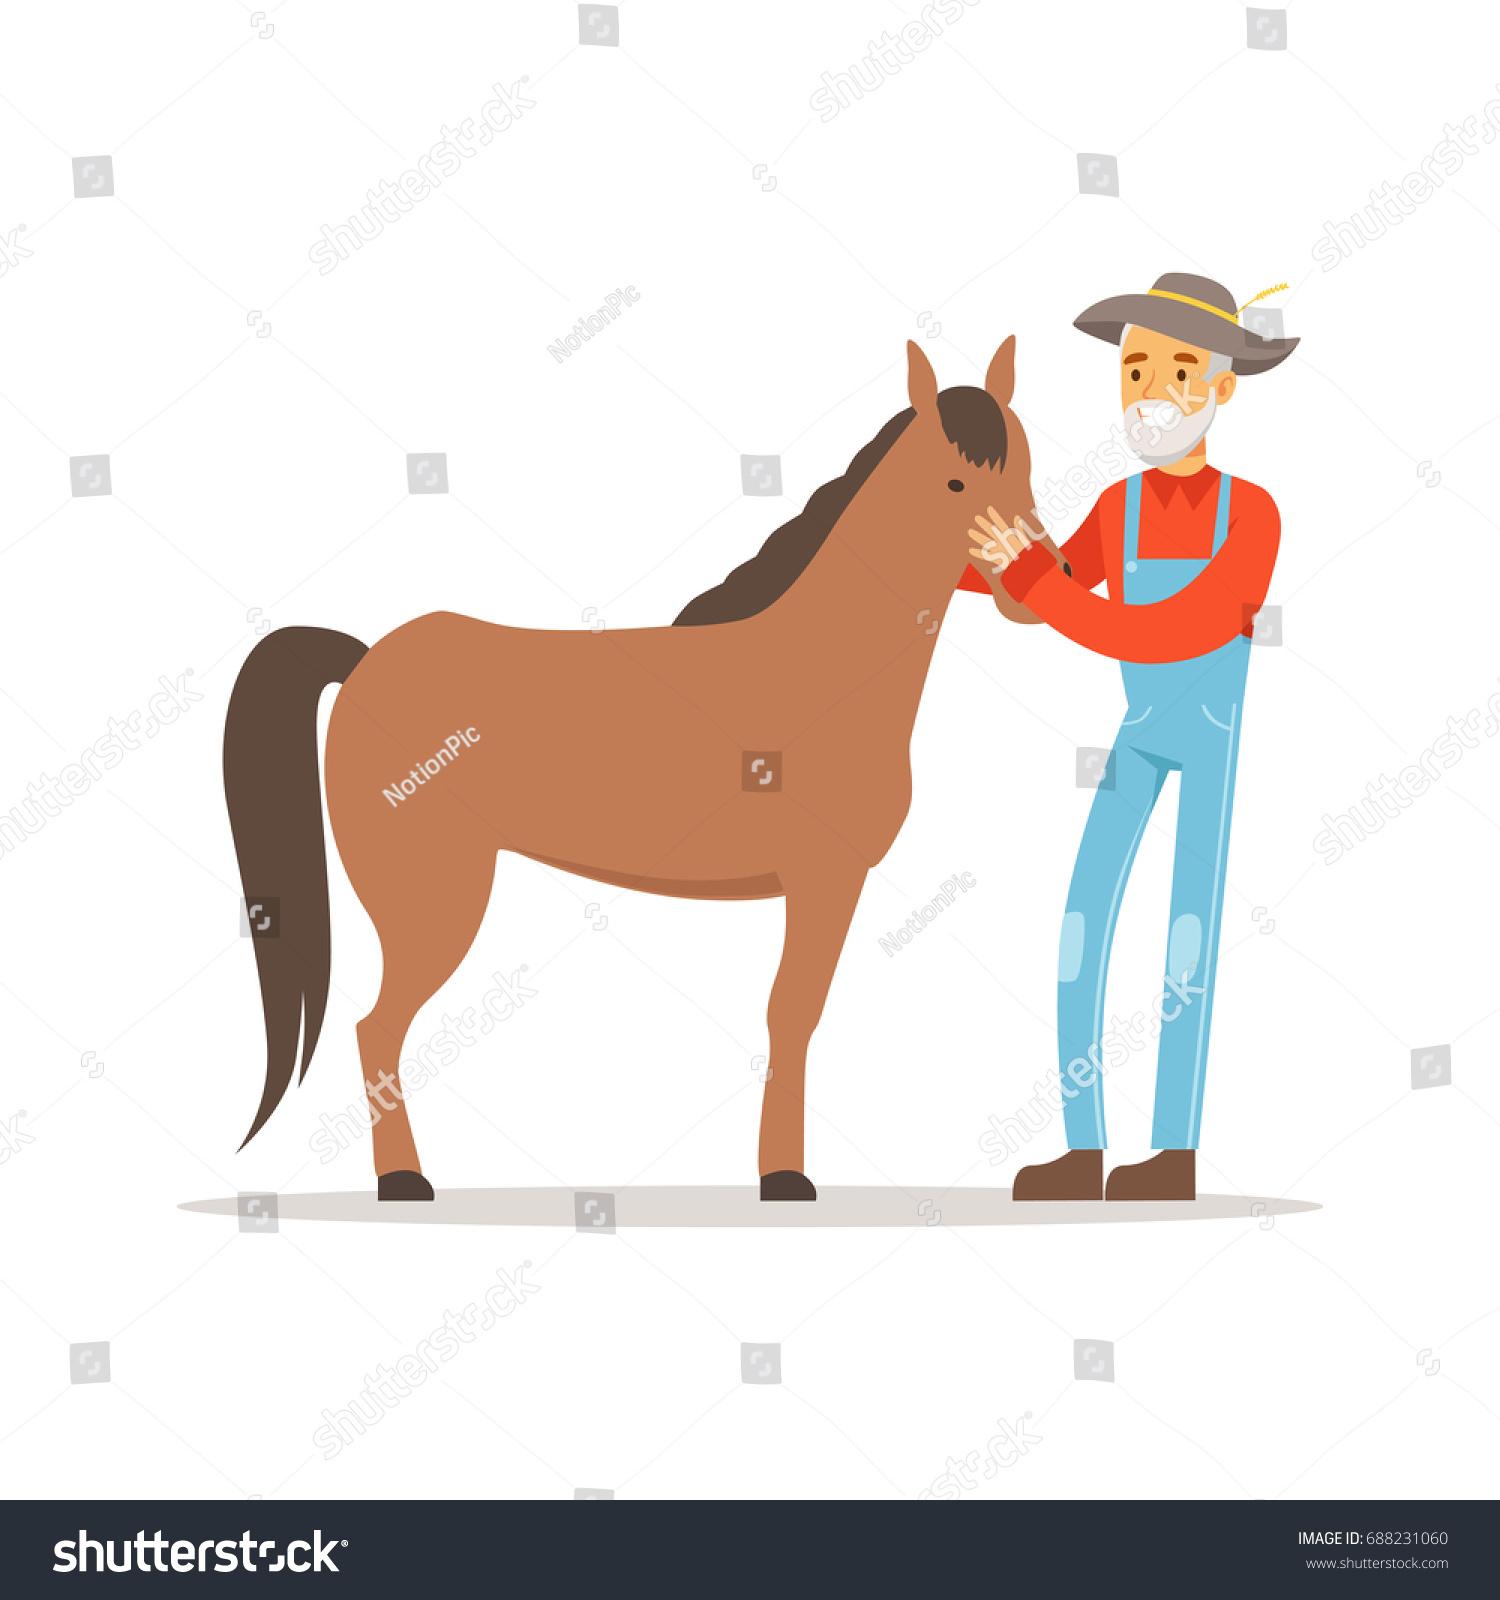 Vector De Stock Libre De Regalias Sobre Old Farmer Man Caring His Horse688231060